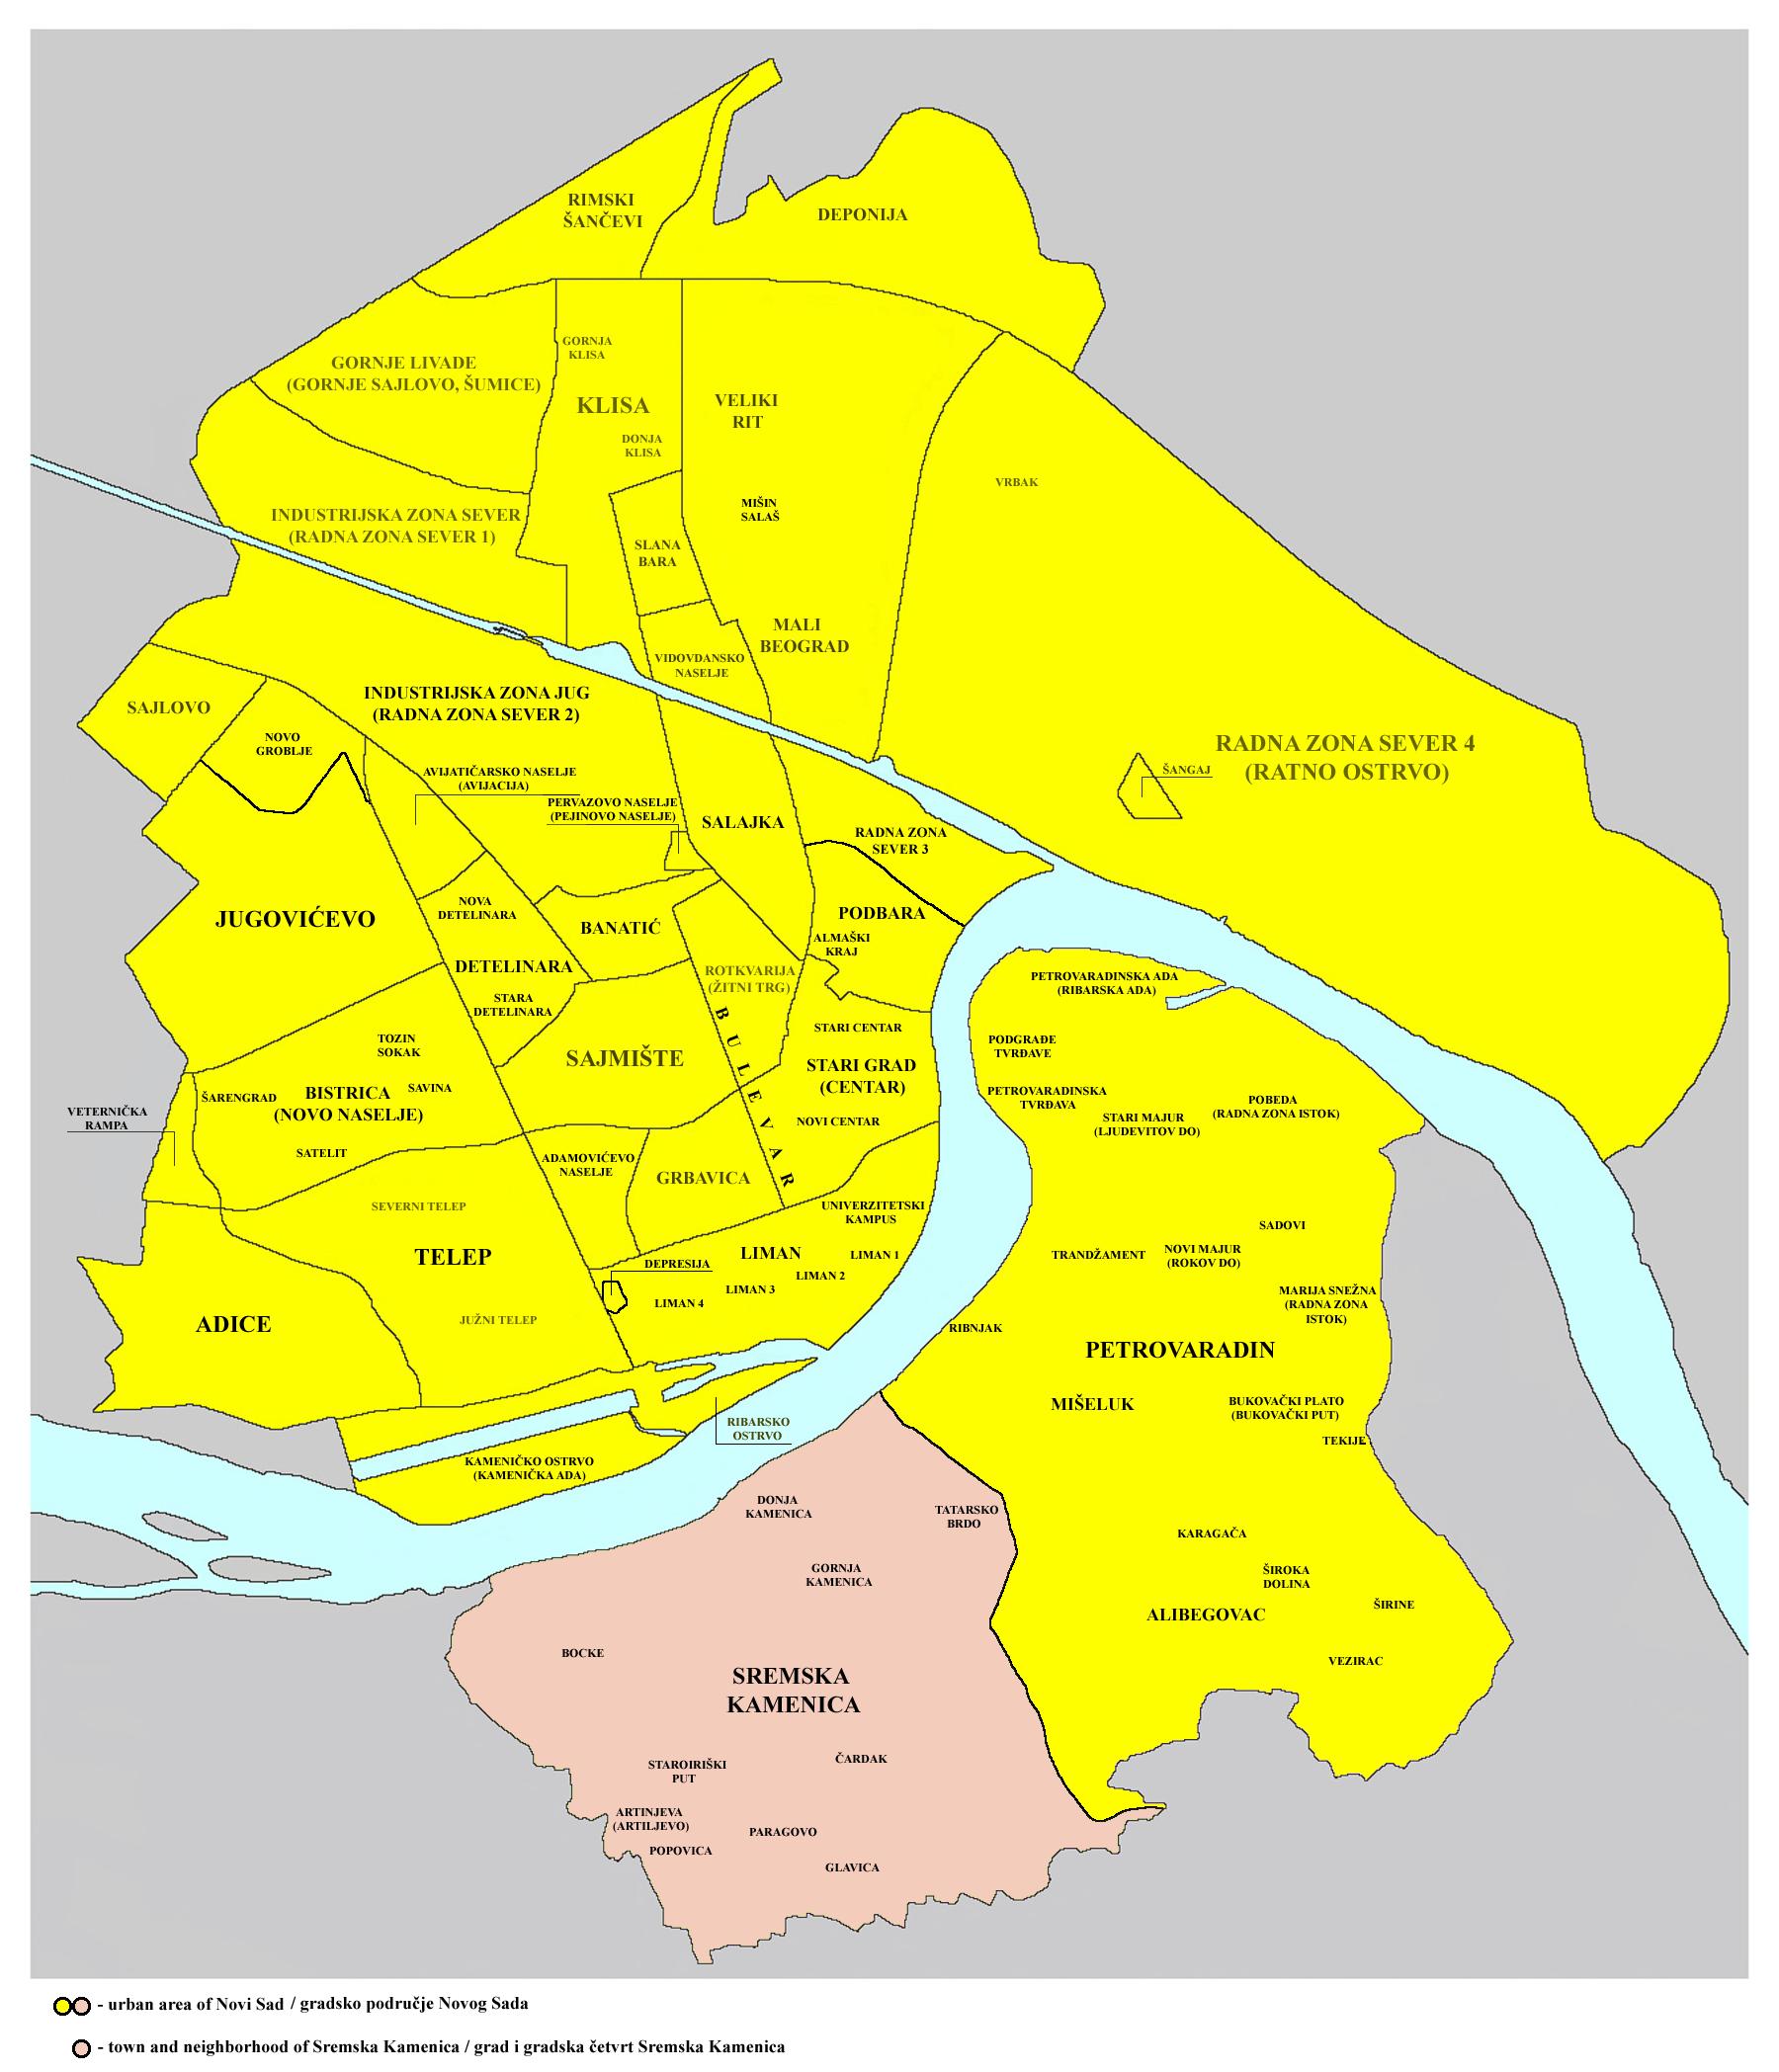 sremska kamenica mapa Popovica   Wikiwand sremska kamenica mapa